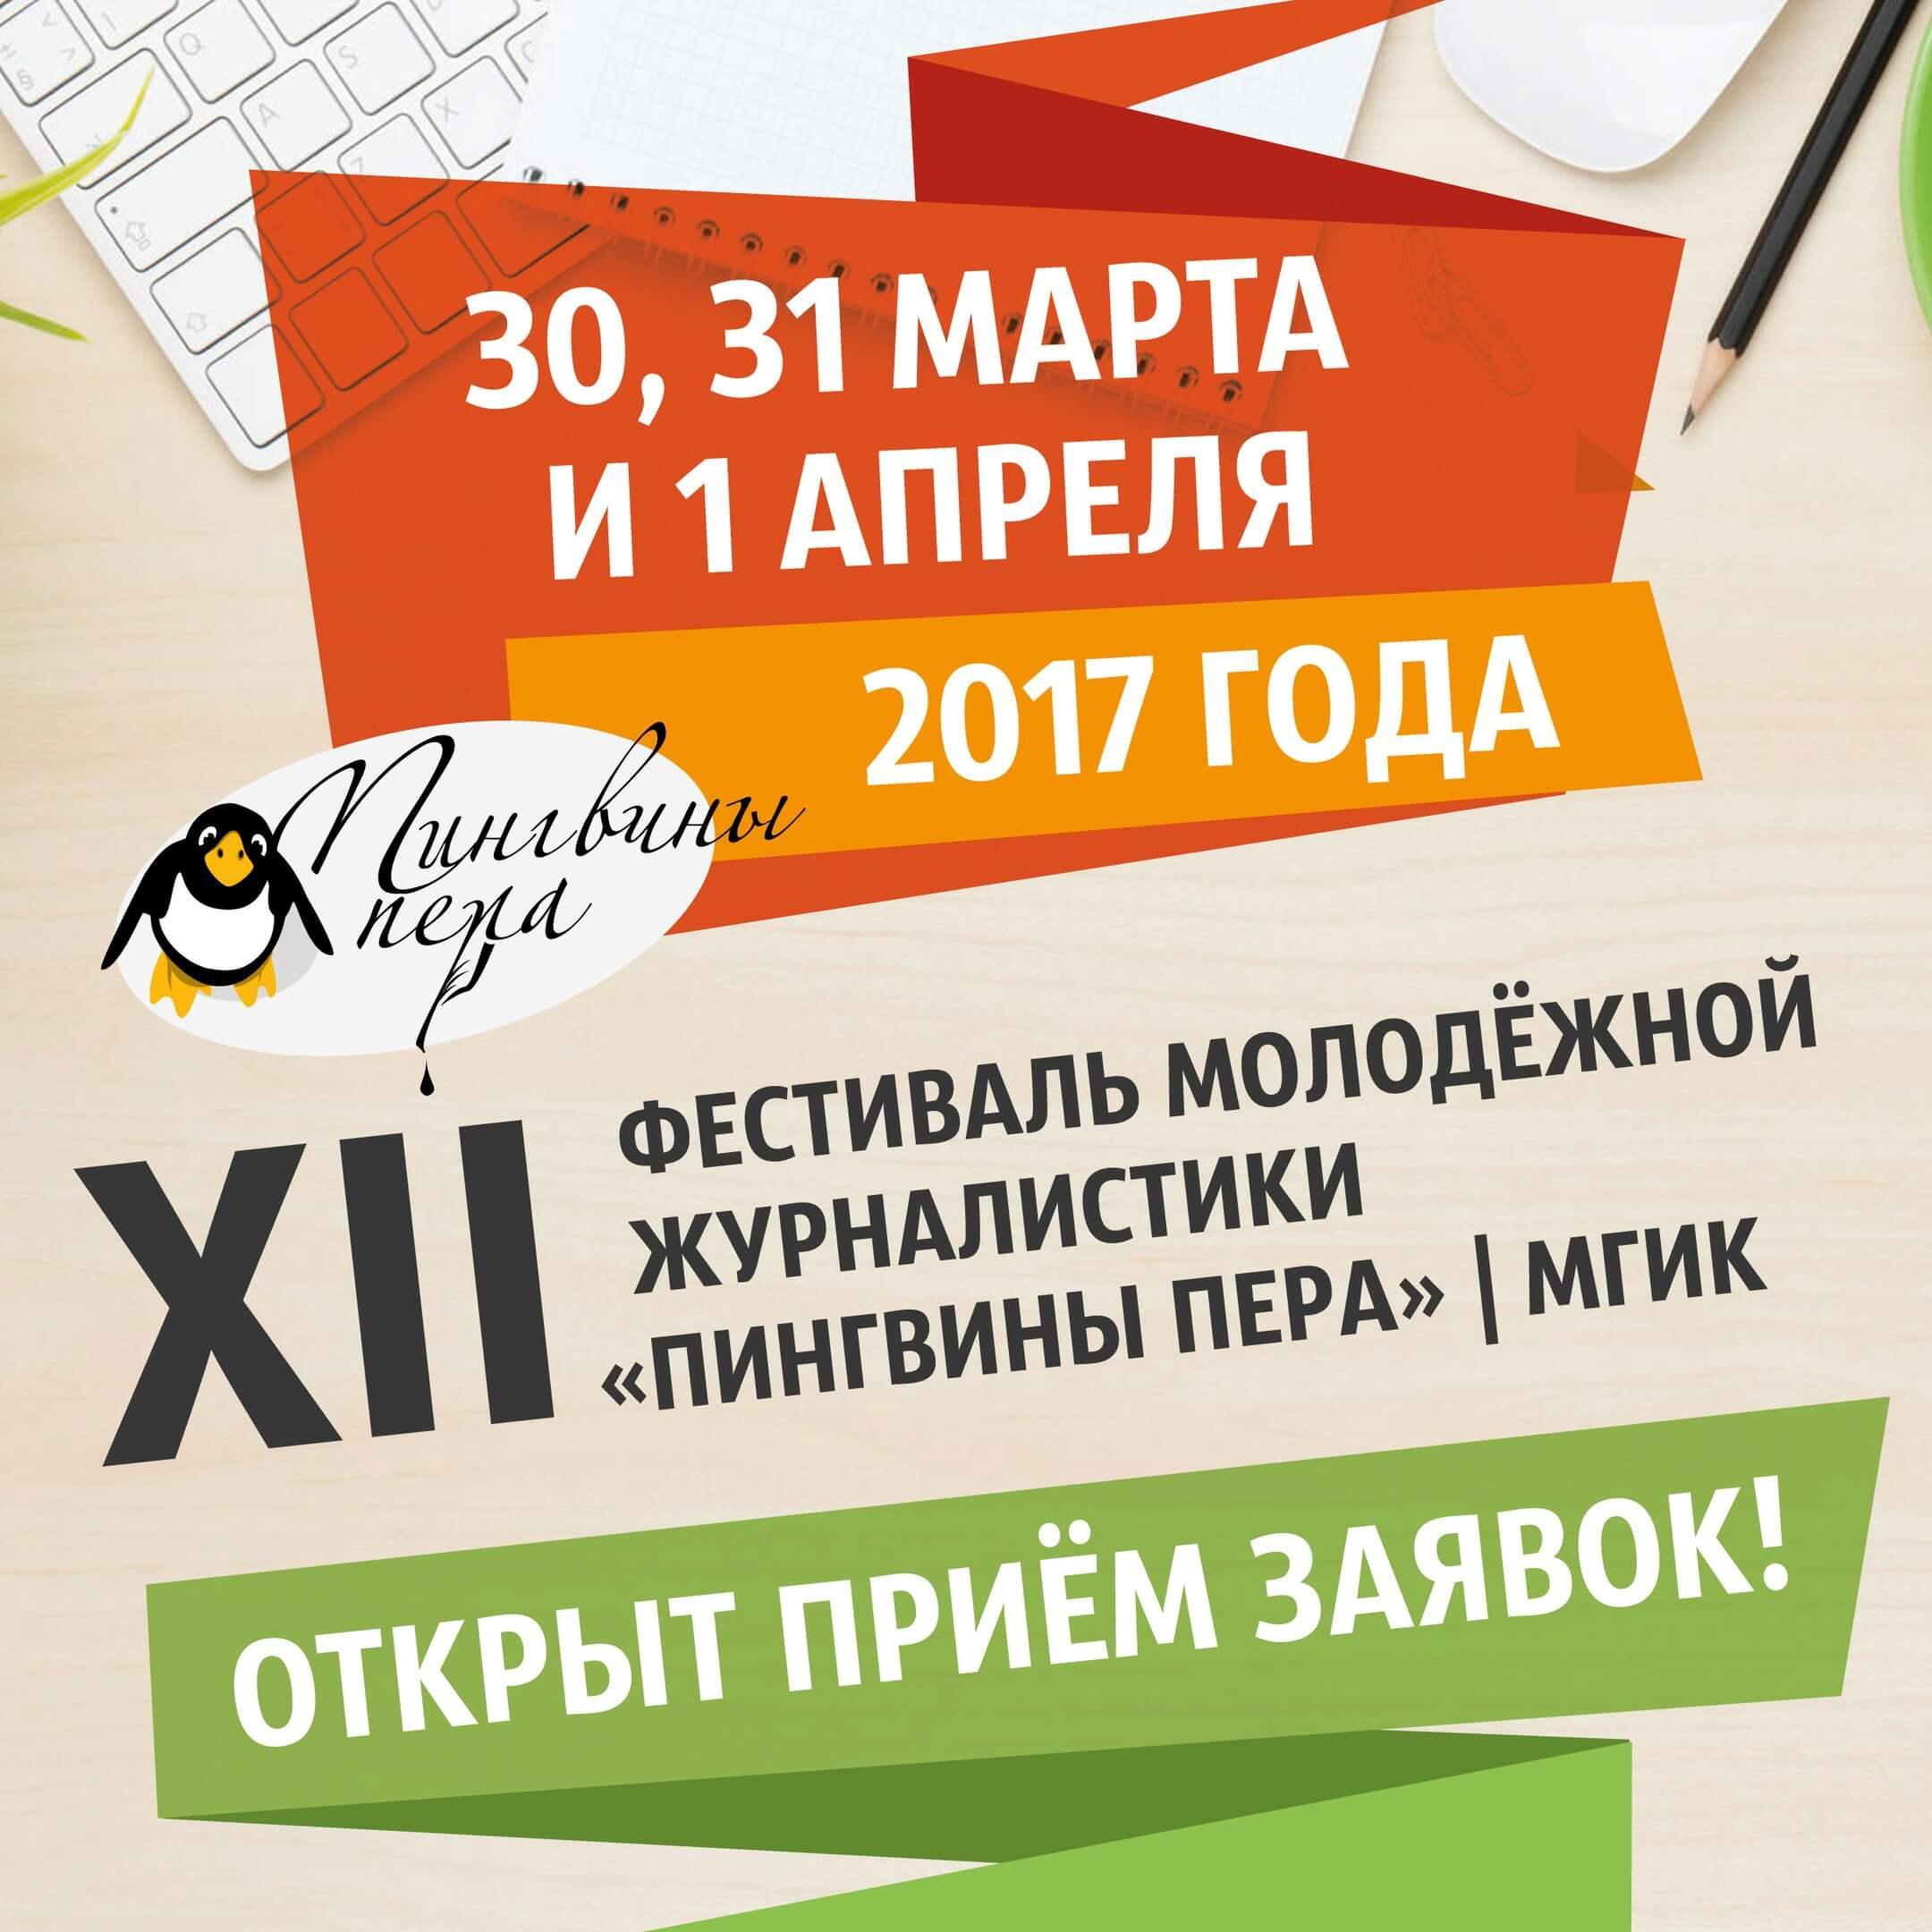 Фестиваль молодёжной журналистики «Пингвины пера»: продолжается приём заявок!